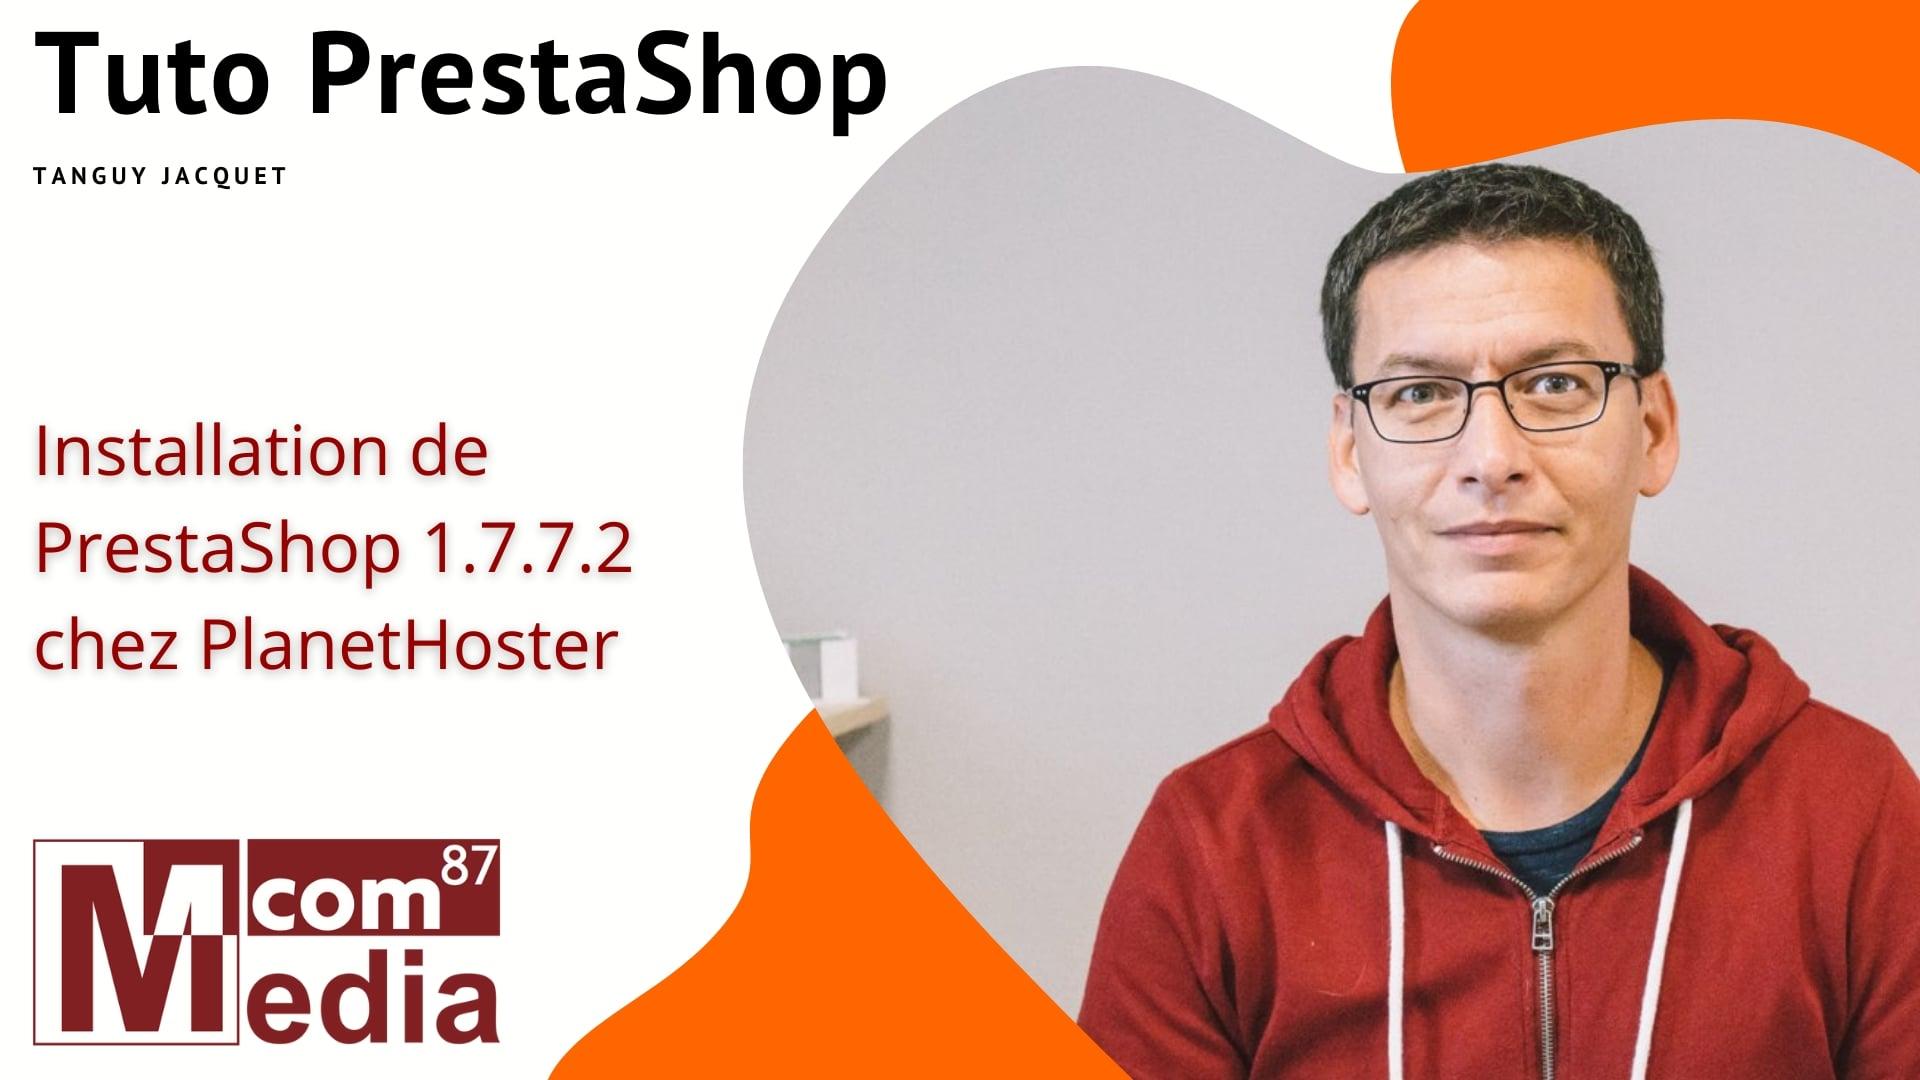 Installation de Prestashop 1.7.7.2 sur PlanetHoster